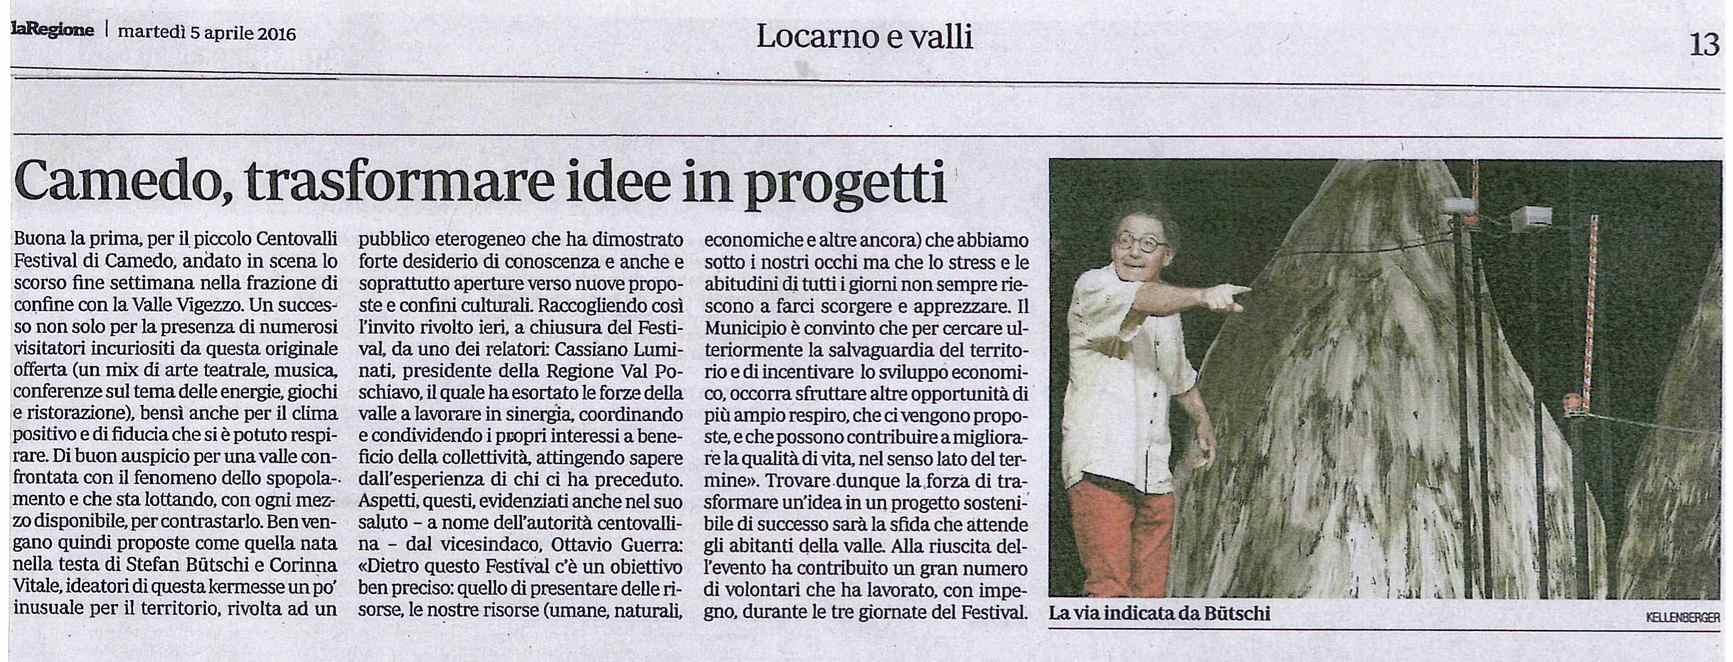 laregione_articolo5apr3